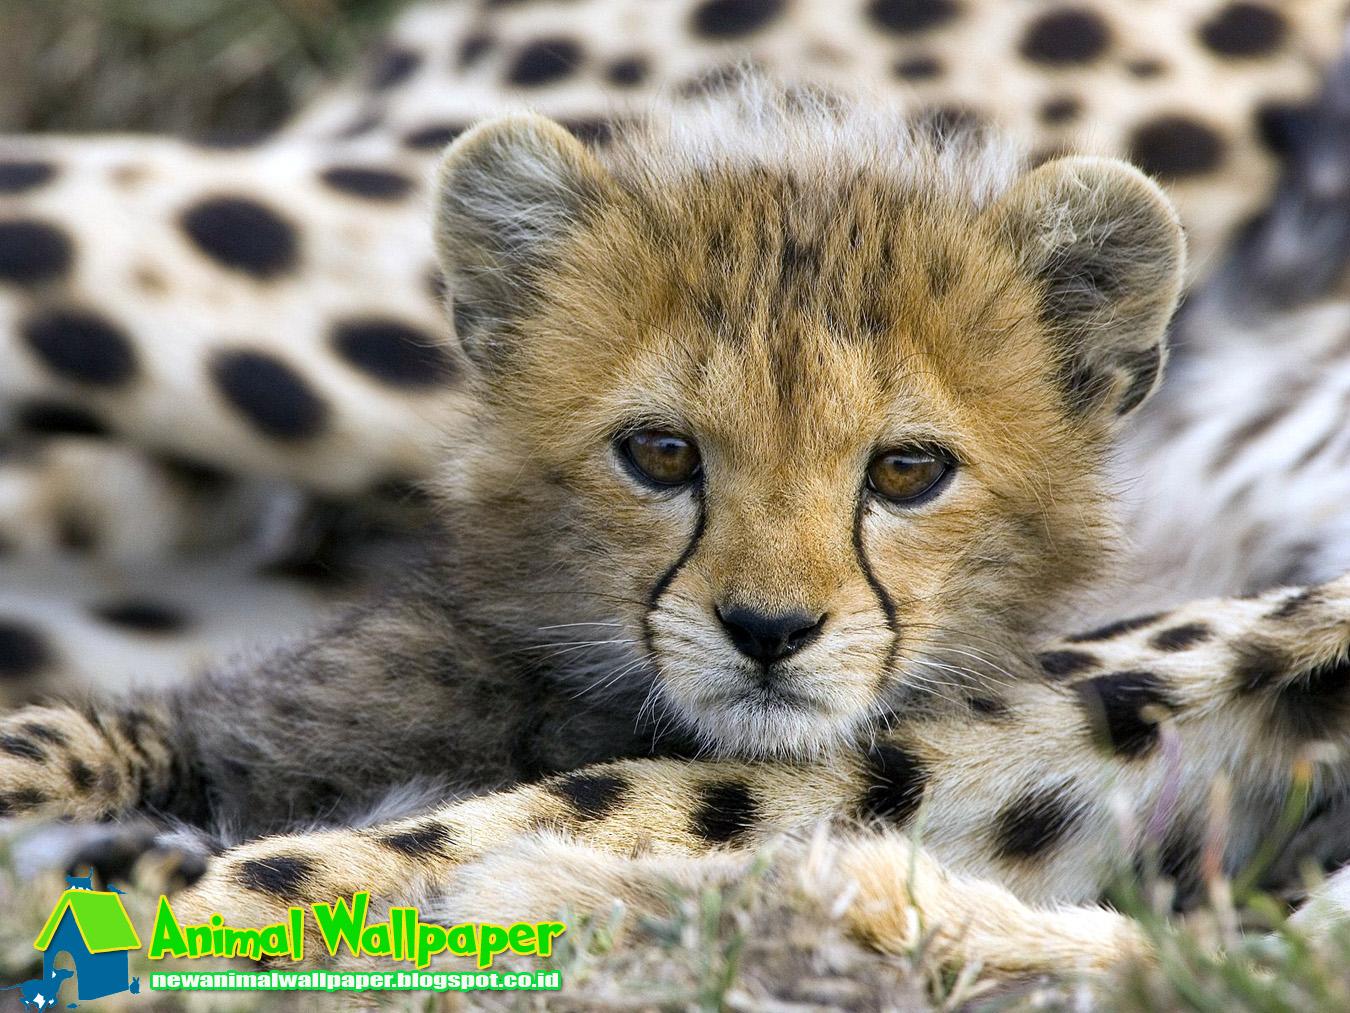 Cute Baby Cheetah Wallpaper - Animal Wallpaper